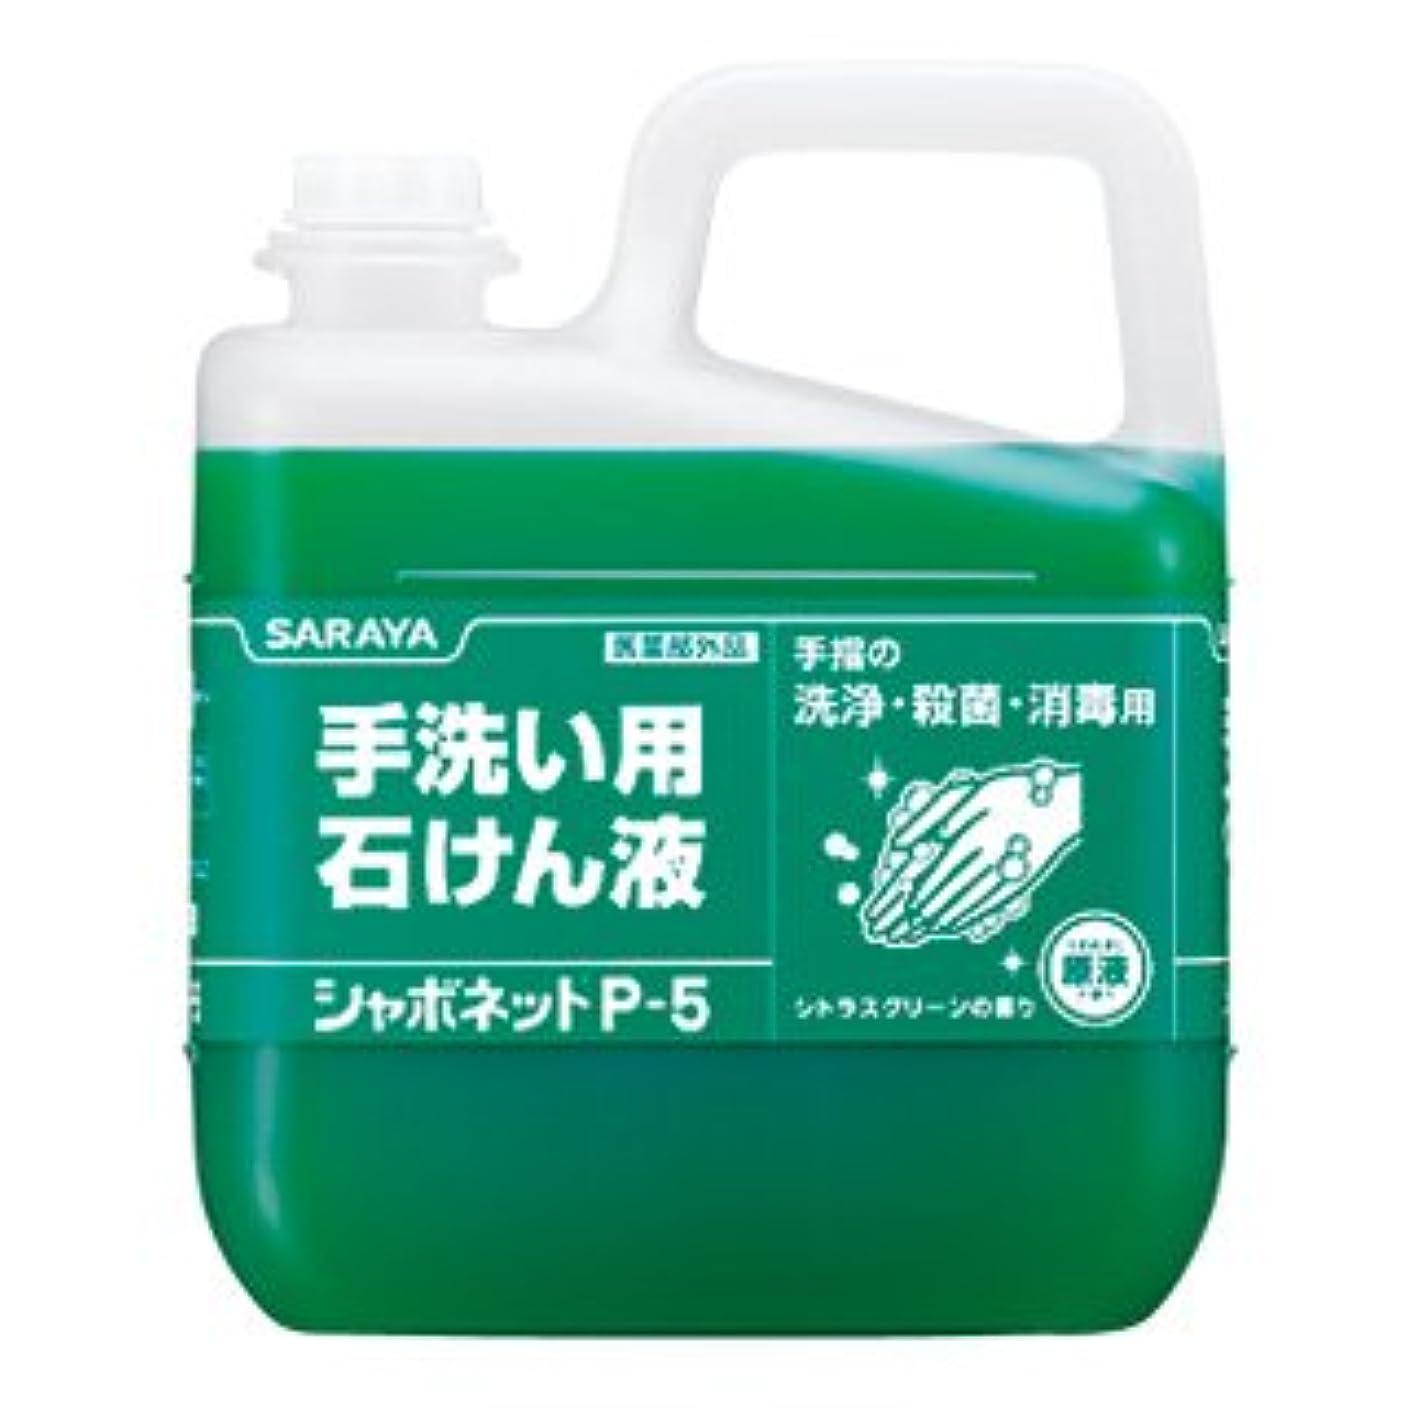 水素依存モスサラヤ シャボネット P-5 5kg×3 シトラスグリーンの香り